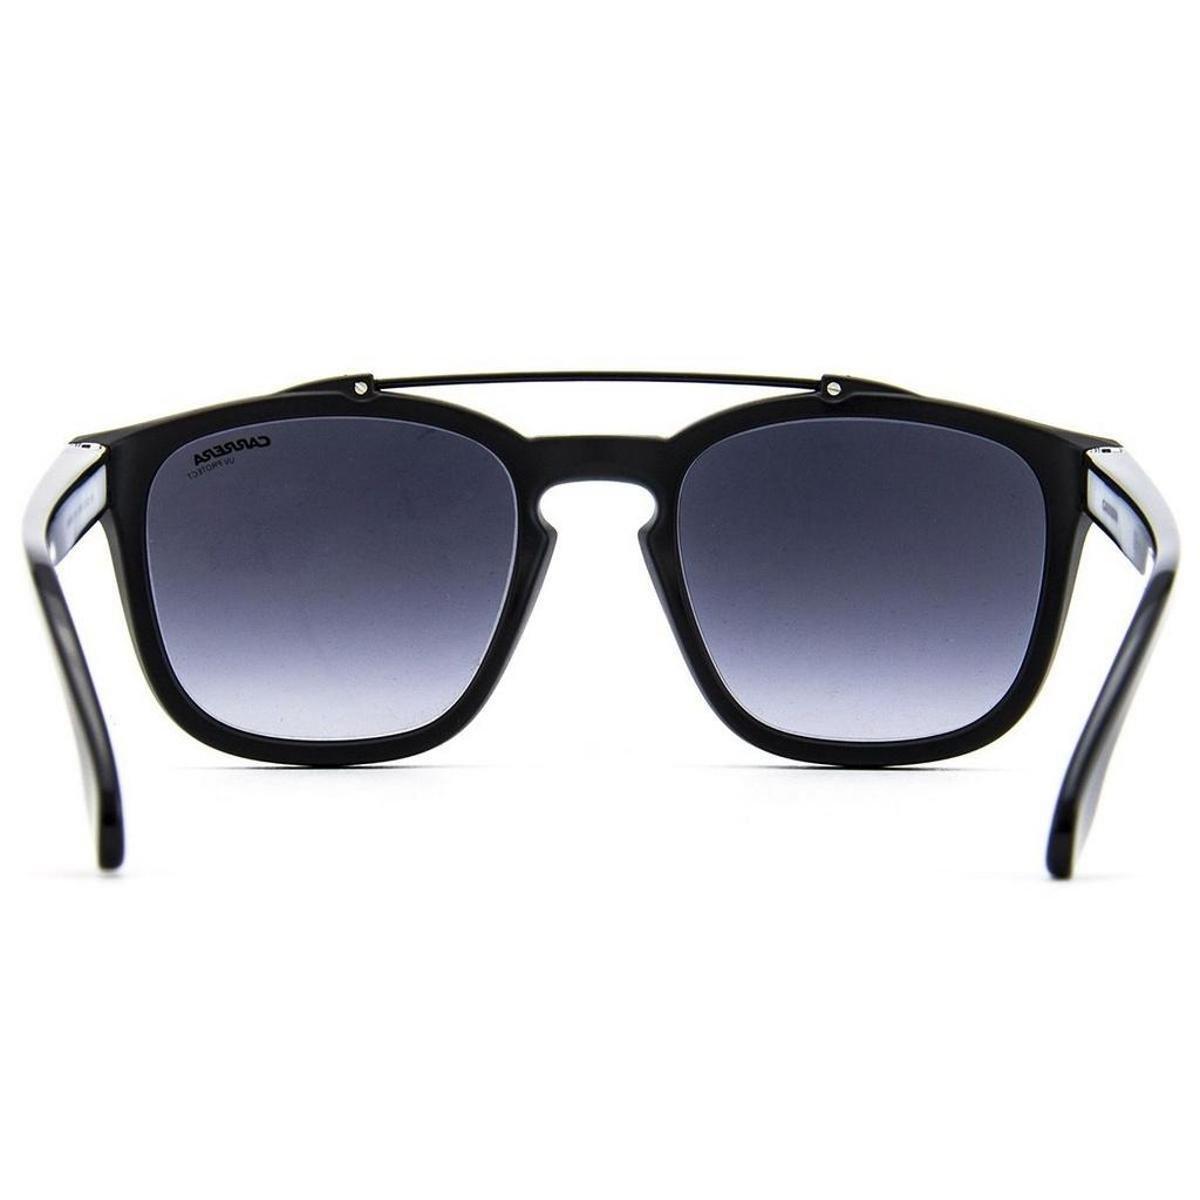 821c3e0c37f39 Óculos Carrera 1011 - Compre Agora   Zattini